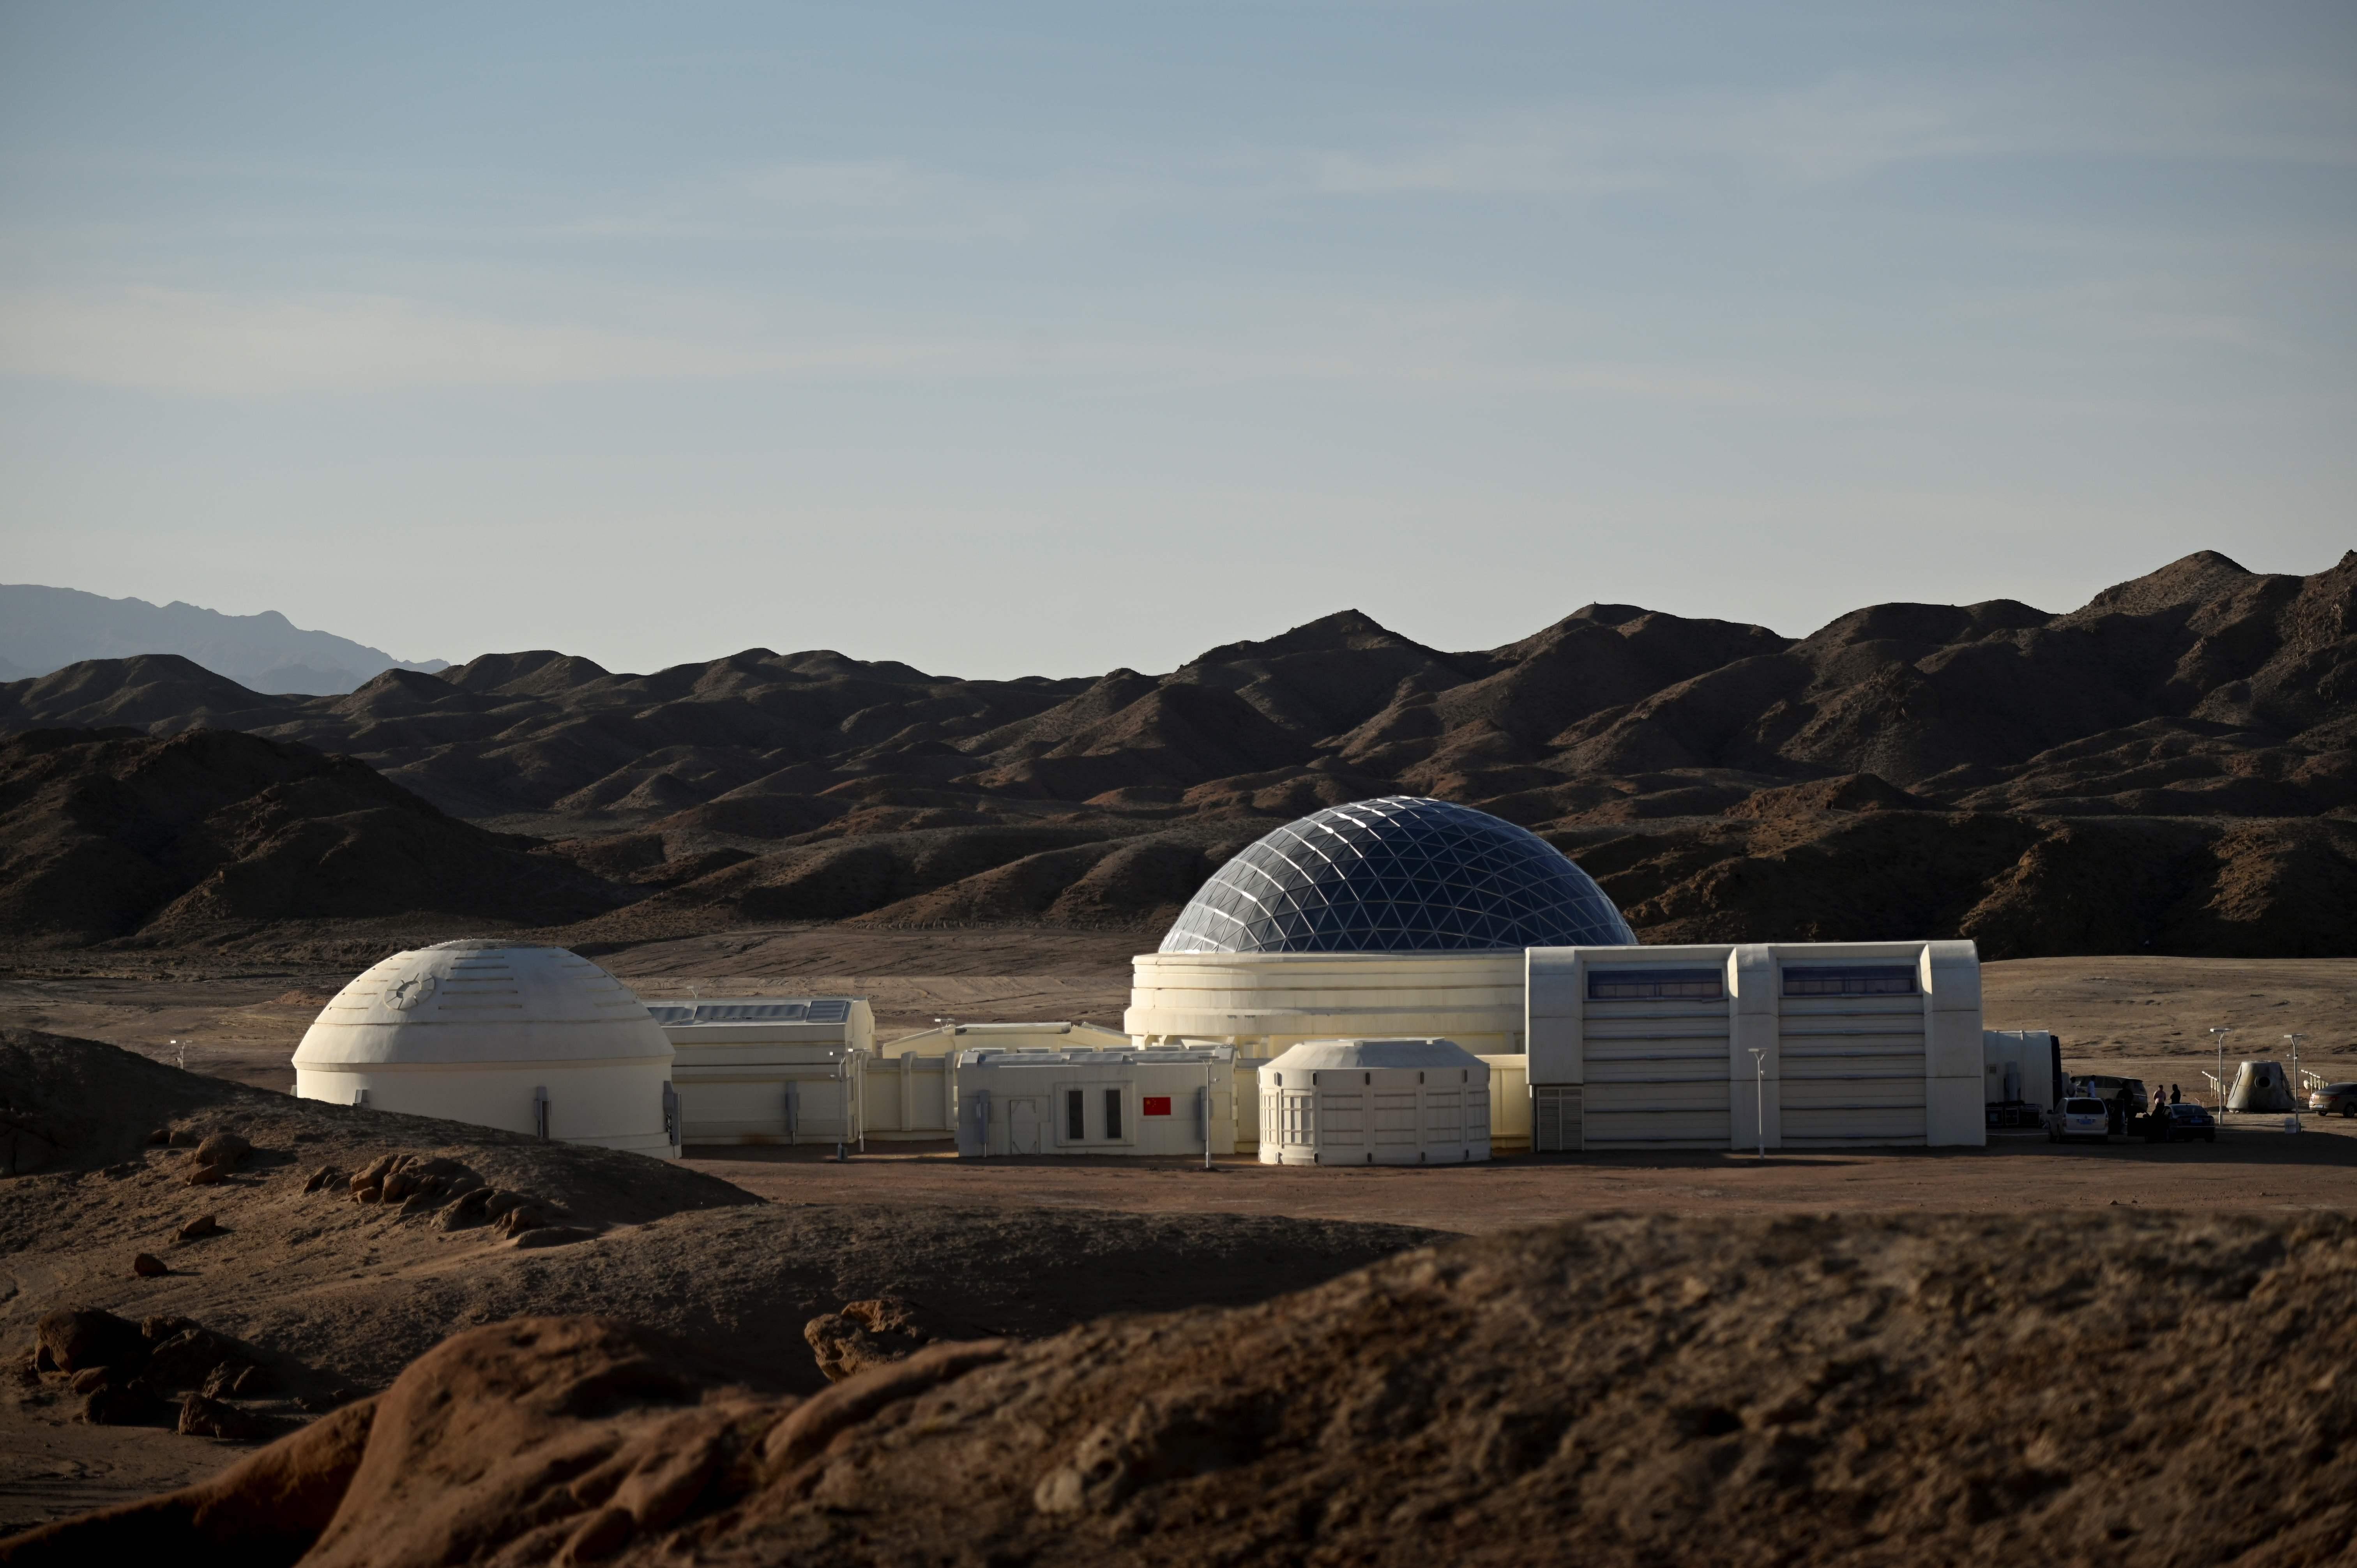 Chinas fake Mars base camp lets visitors explore Star Wars style 6048x4024